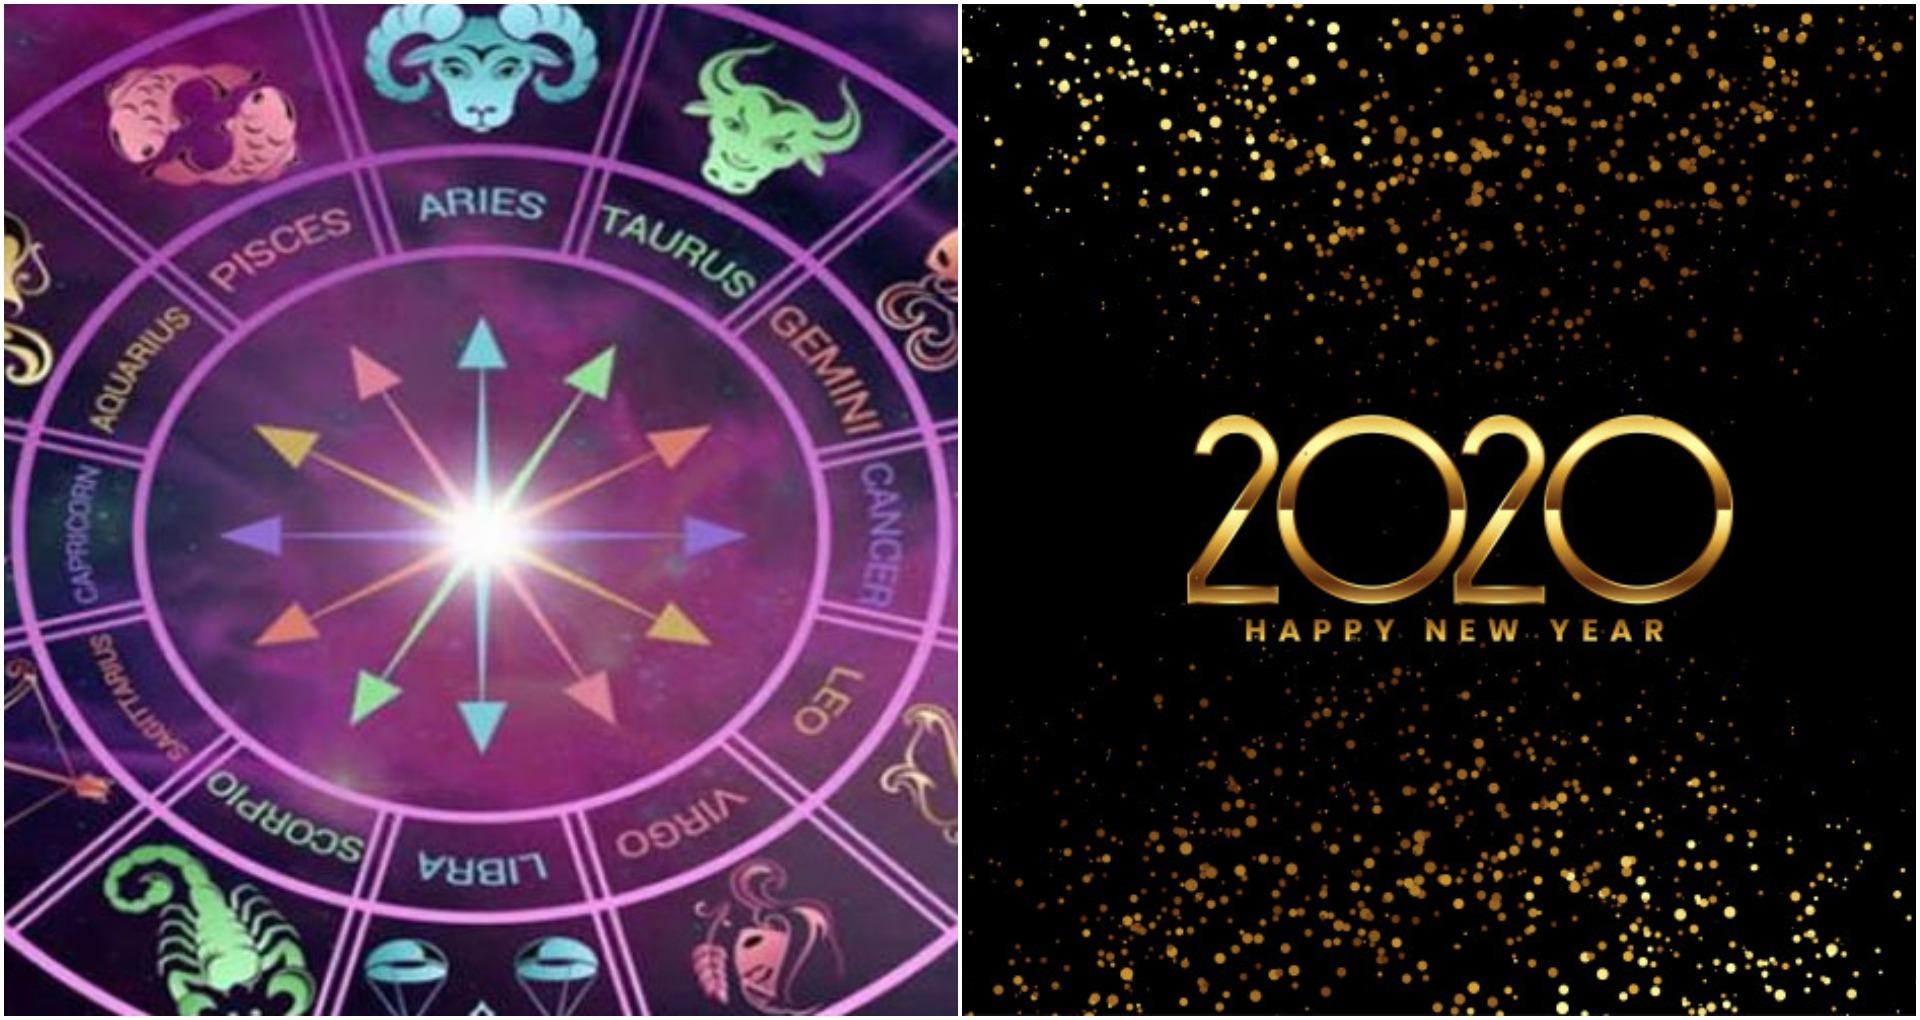 वार्षिक राशिफल 2020: जानिए कैसा रहेगा आपका साल 2020, यहां पढ़ें विस्तार से राशिफल